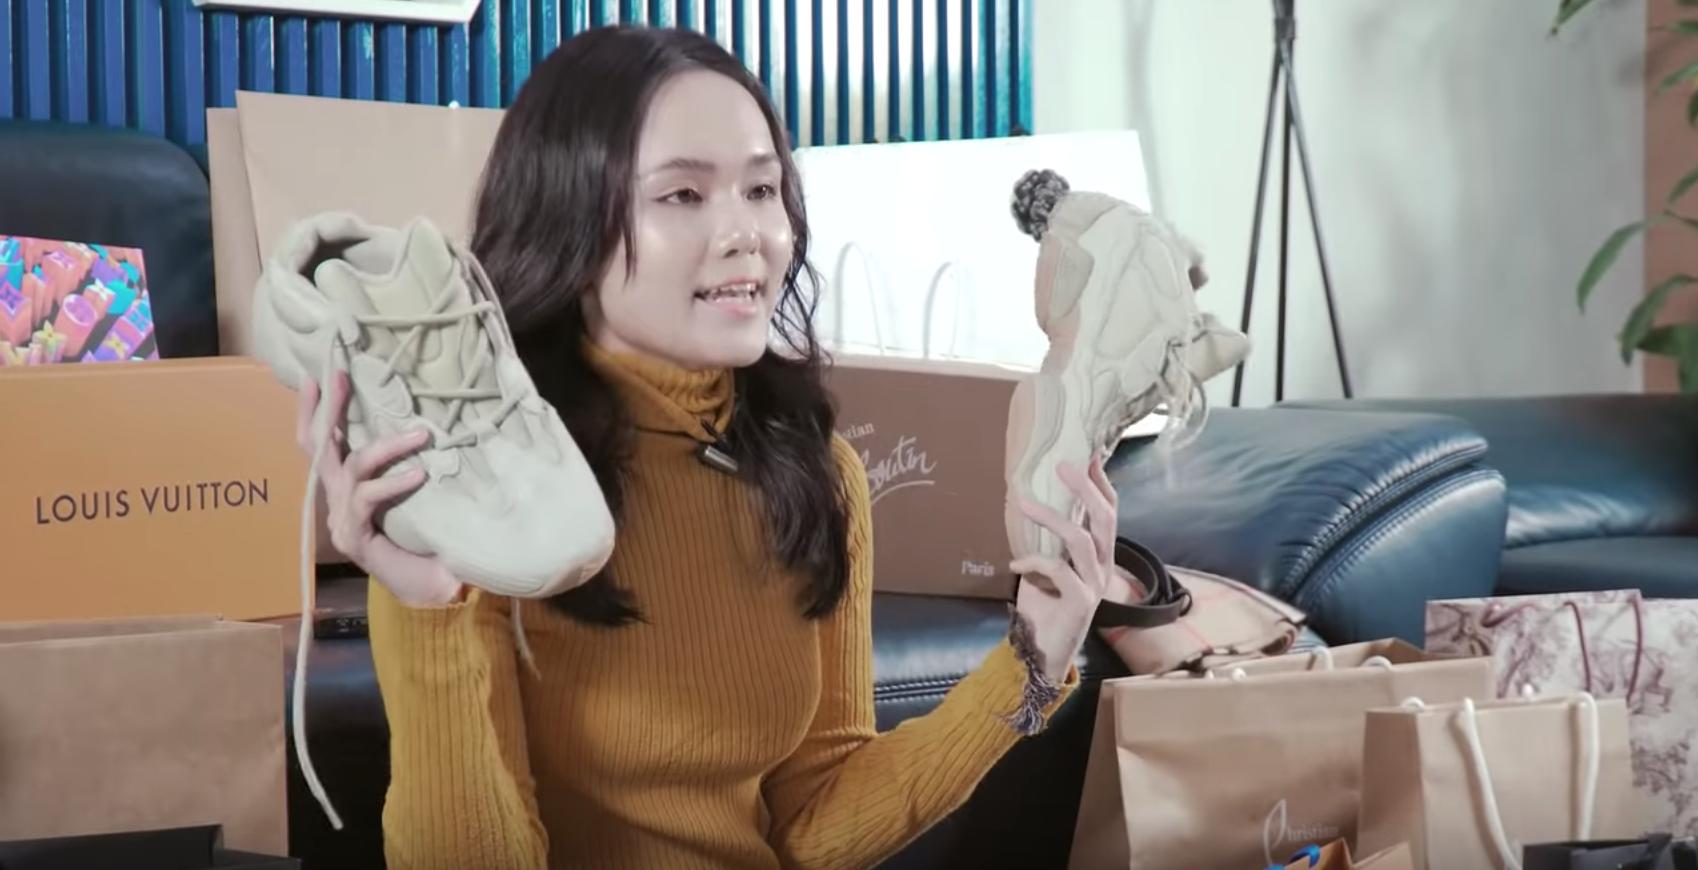 Chiều Quỳnh Anh như Duy Mạnh: thấy người yêu ốm thì tặng túi 128 triệu, người yêu nhắn tin thì chuyển 50 triệu cho mua khuyên tai - Ảnh 6.